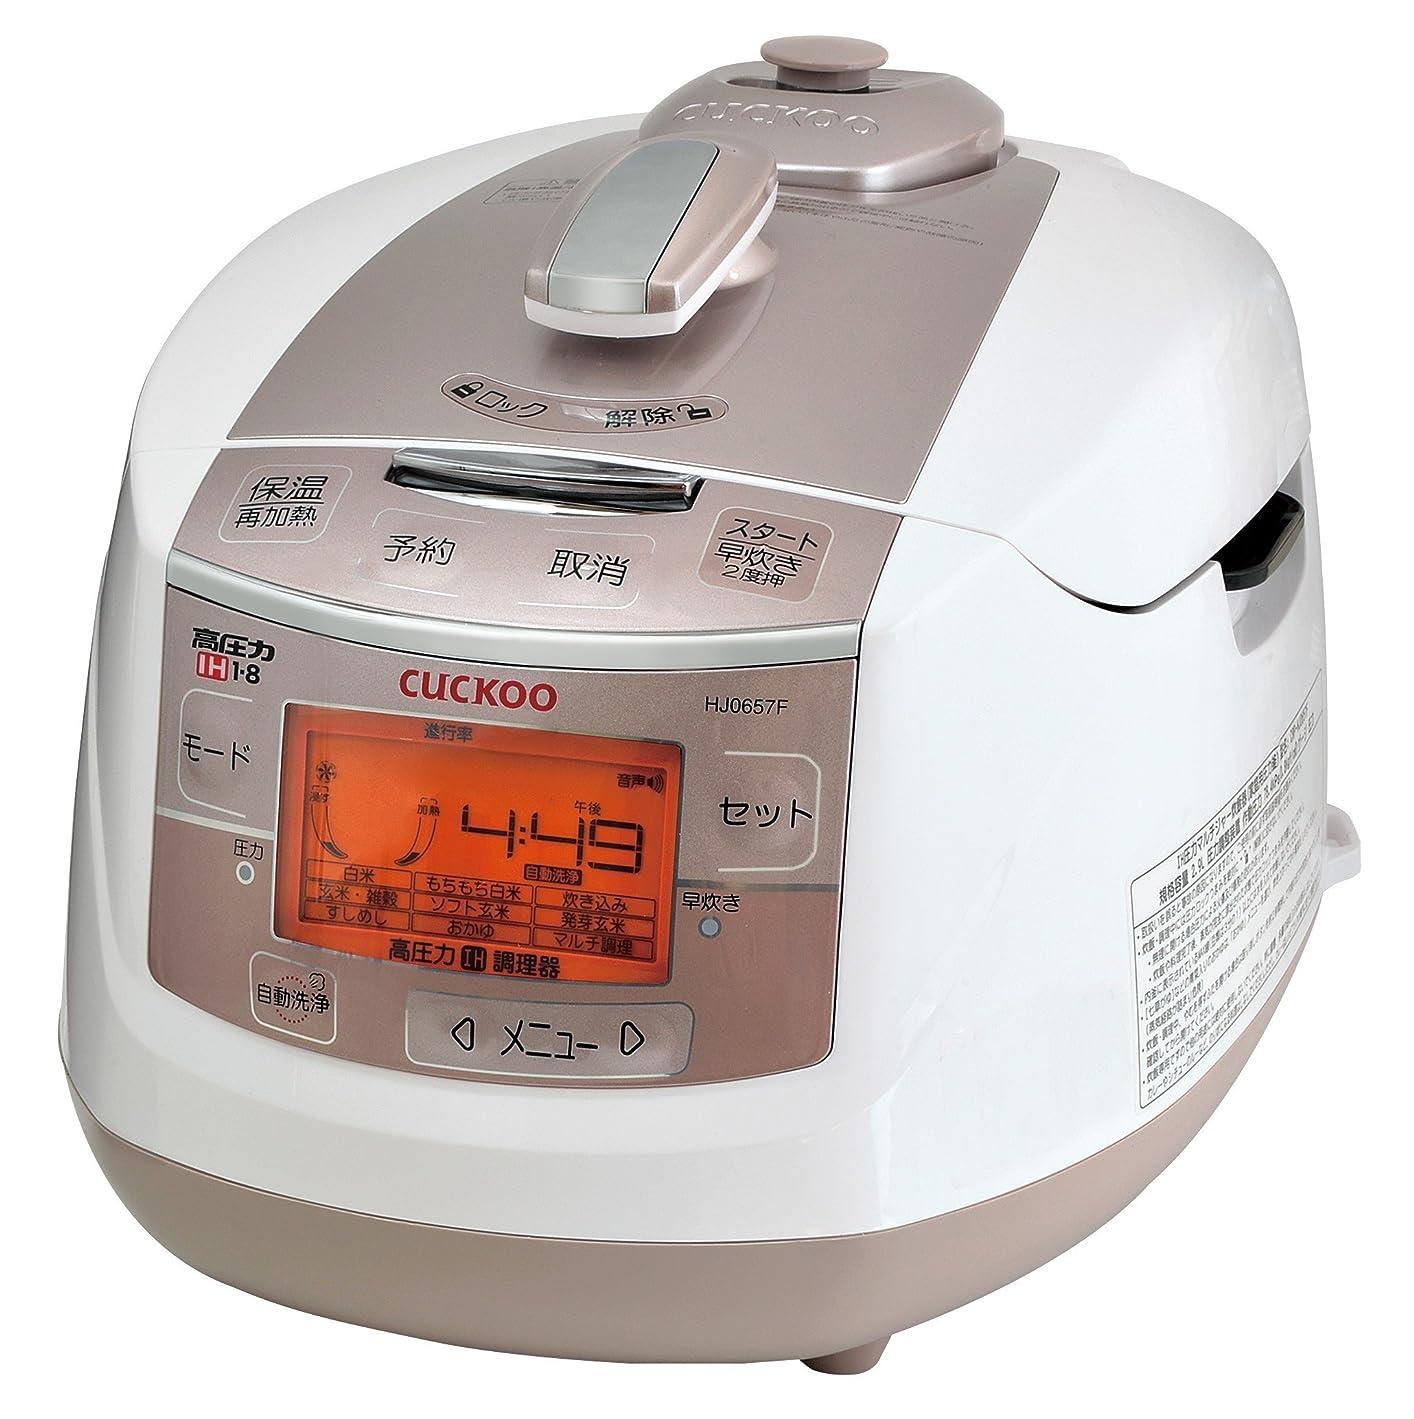 亡命有力者日本美健 IH式 炊飯器 クック高圧力炊飯調理器 cuckoo NEW 圧力名人 CRP-HJ0657F